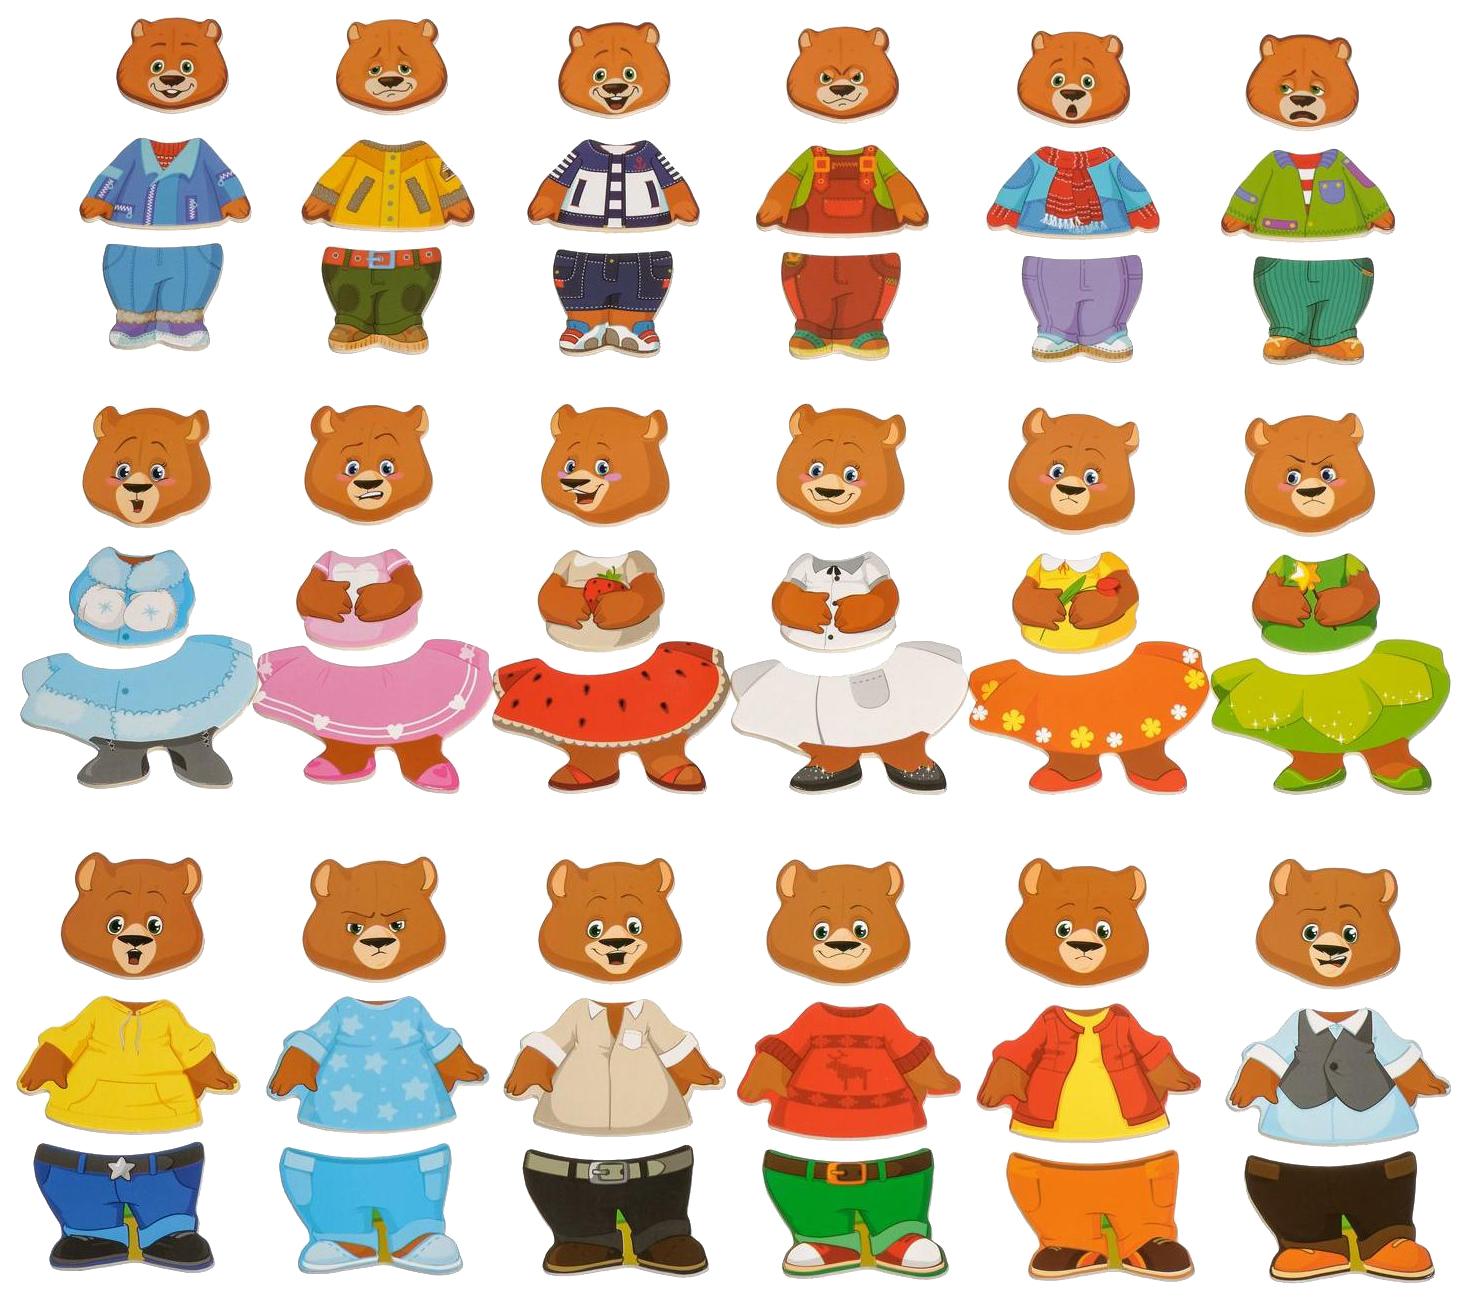 Купить Пазлы-вкладыши Мир деревянных игрушек Три медведя Д164, Мир Деревянных Игрушек